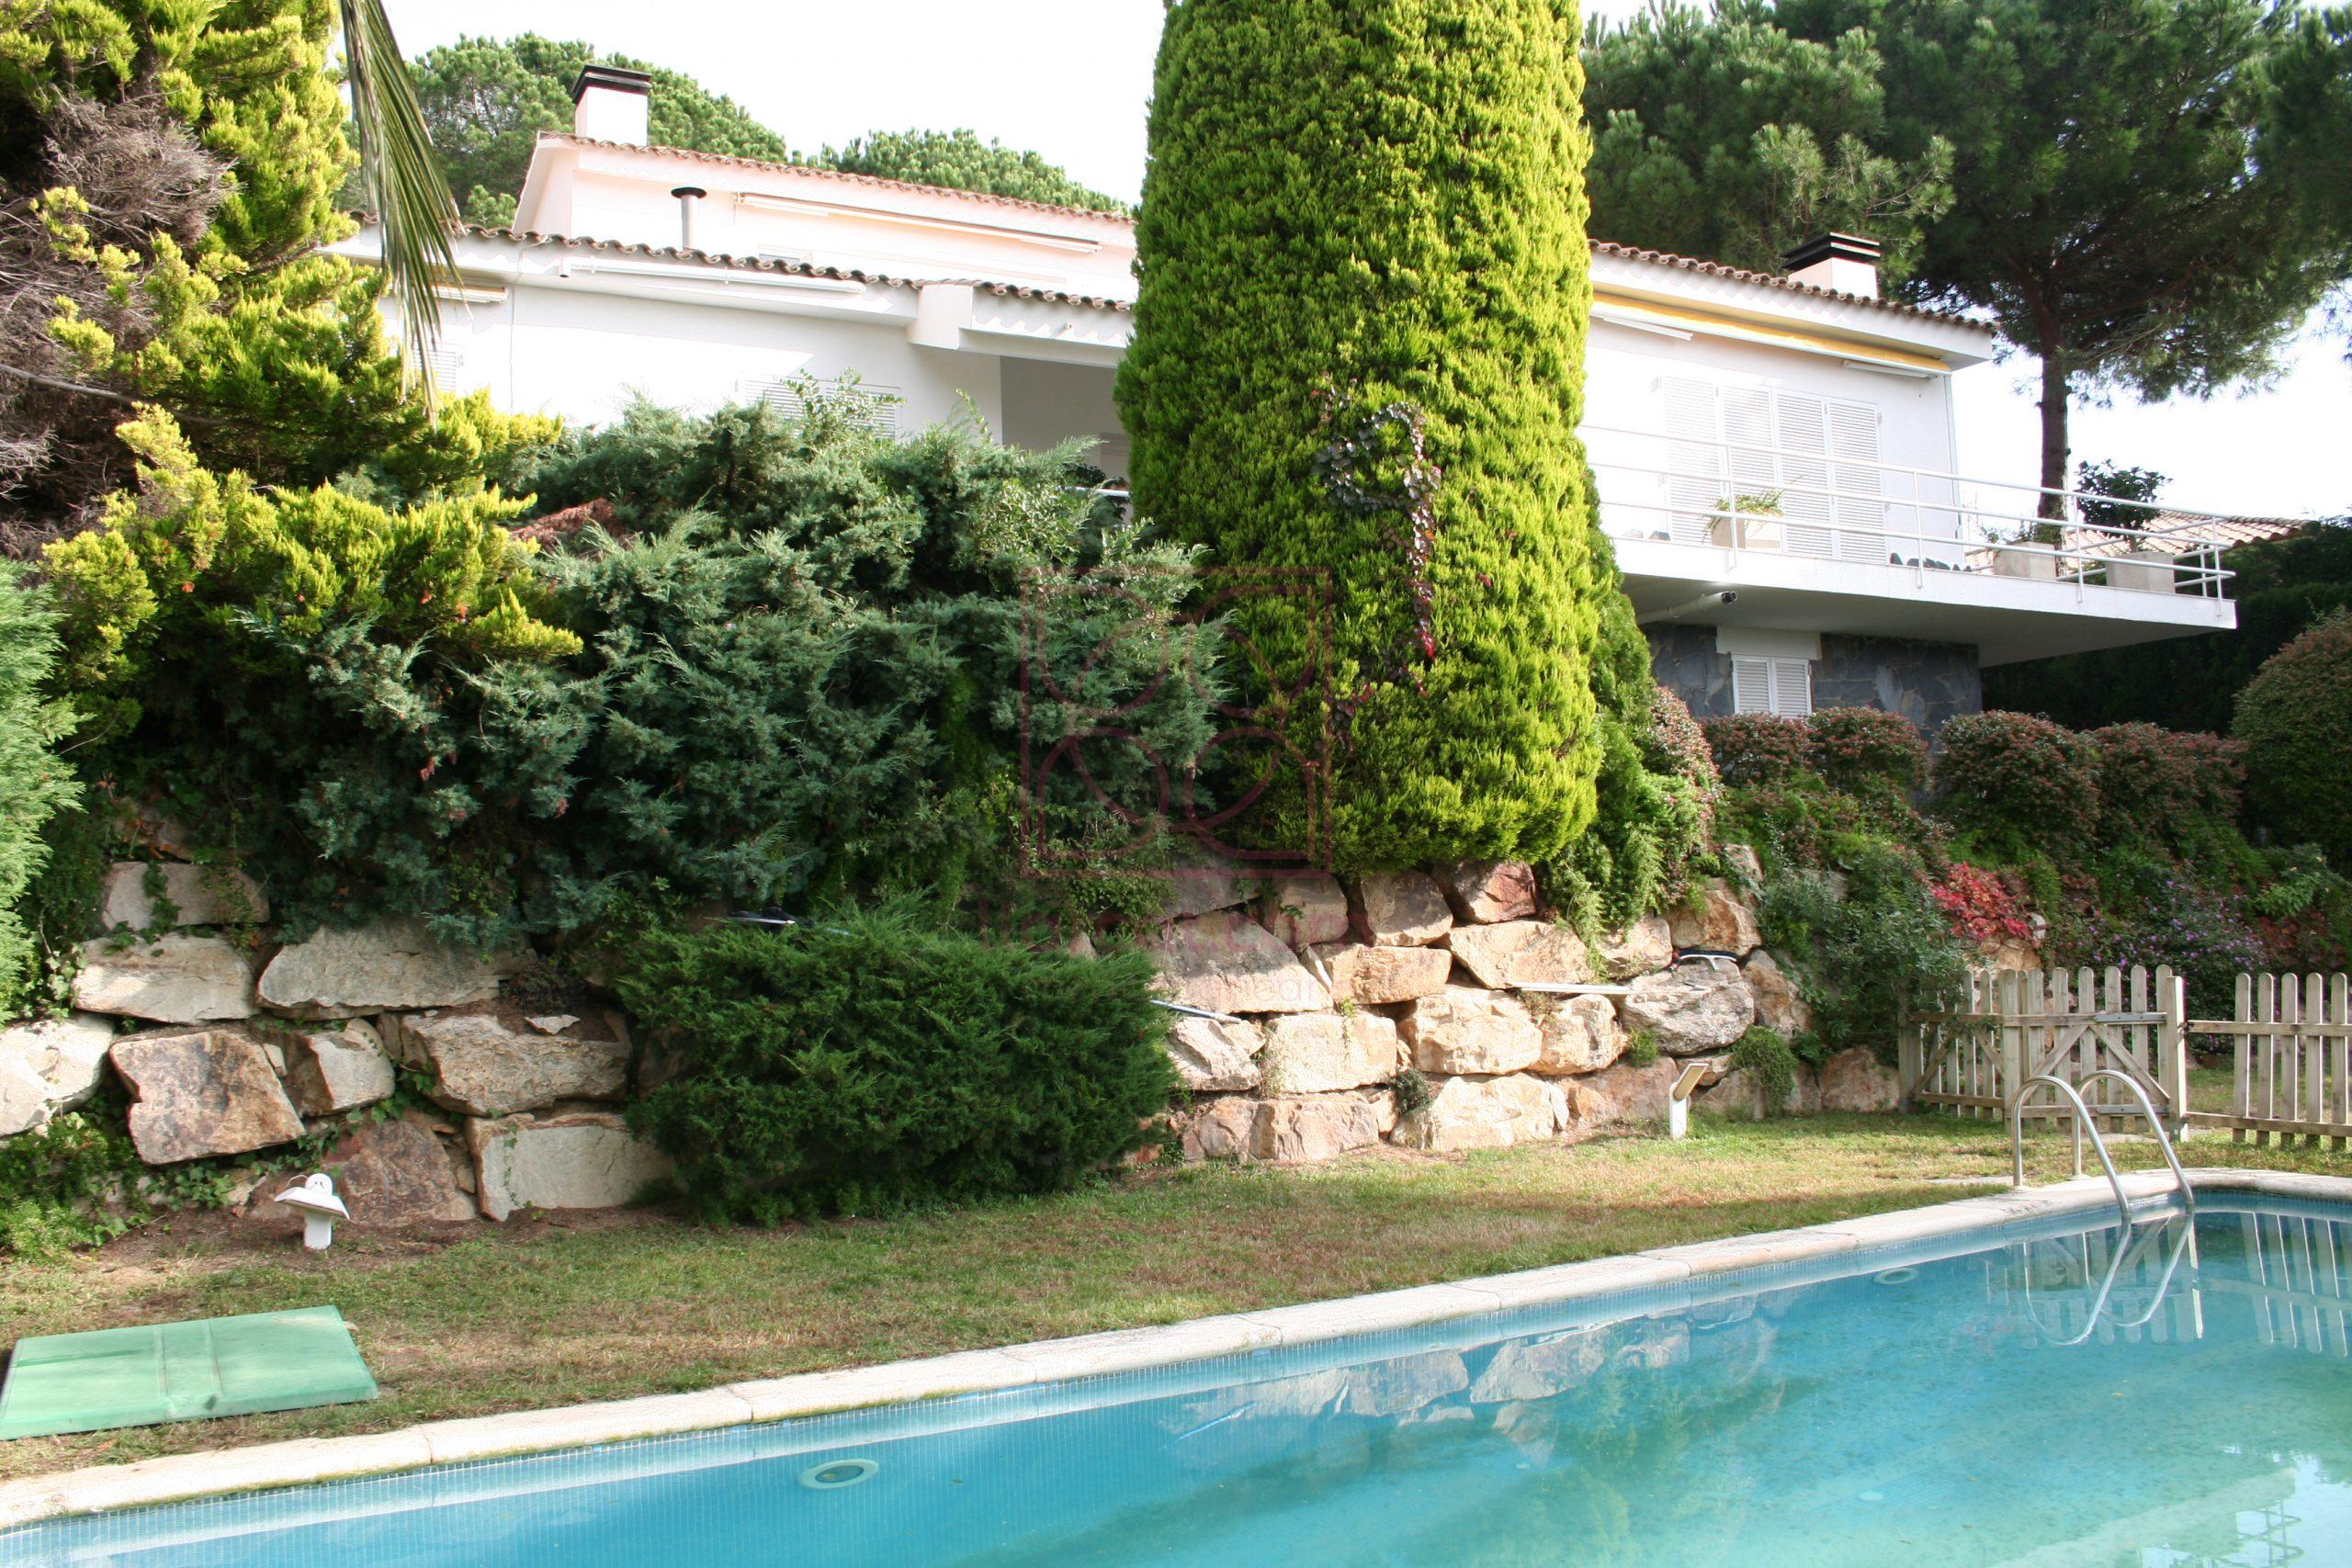 Casa en Cabrils 4 vientos vistas al mar y montaña | Cabrils 4 winds house overlooking the sea and mountains